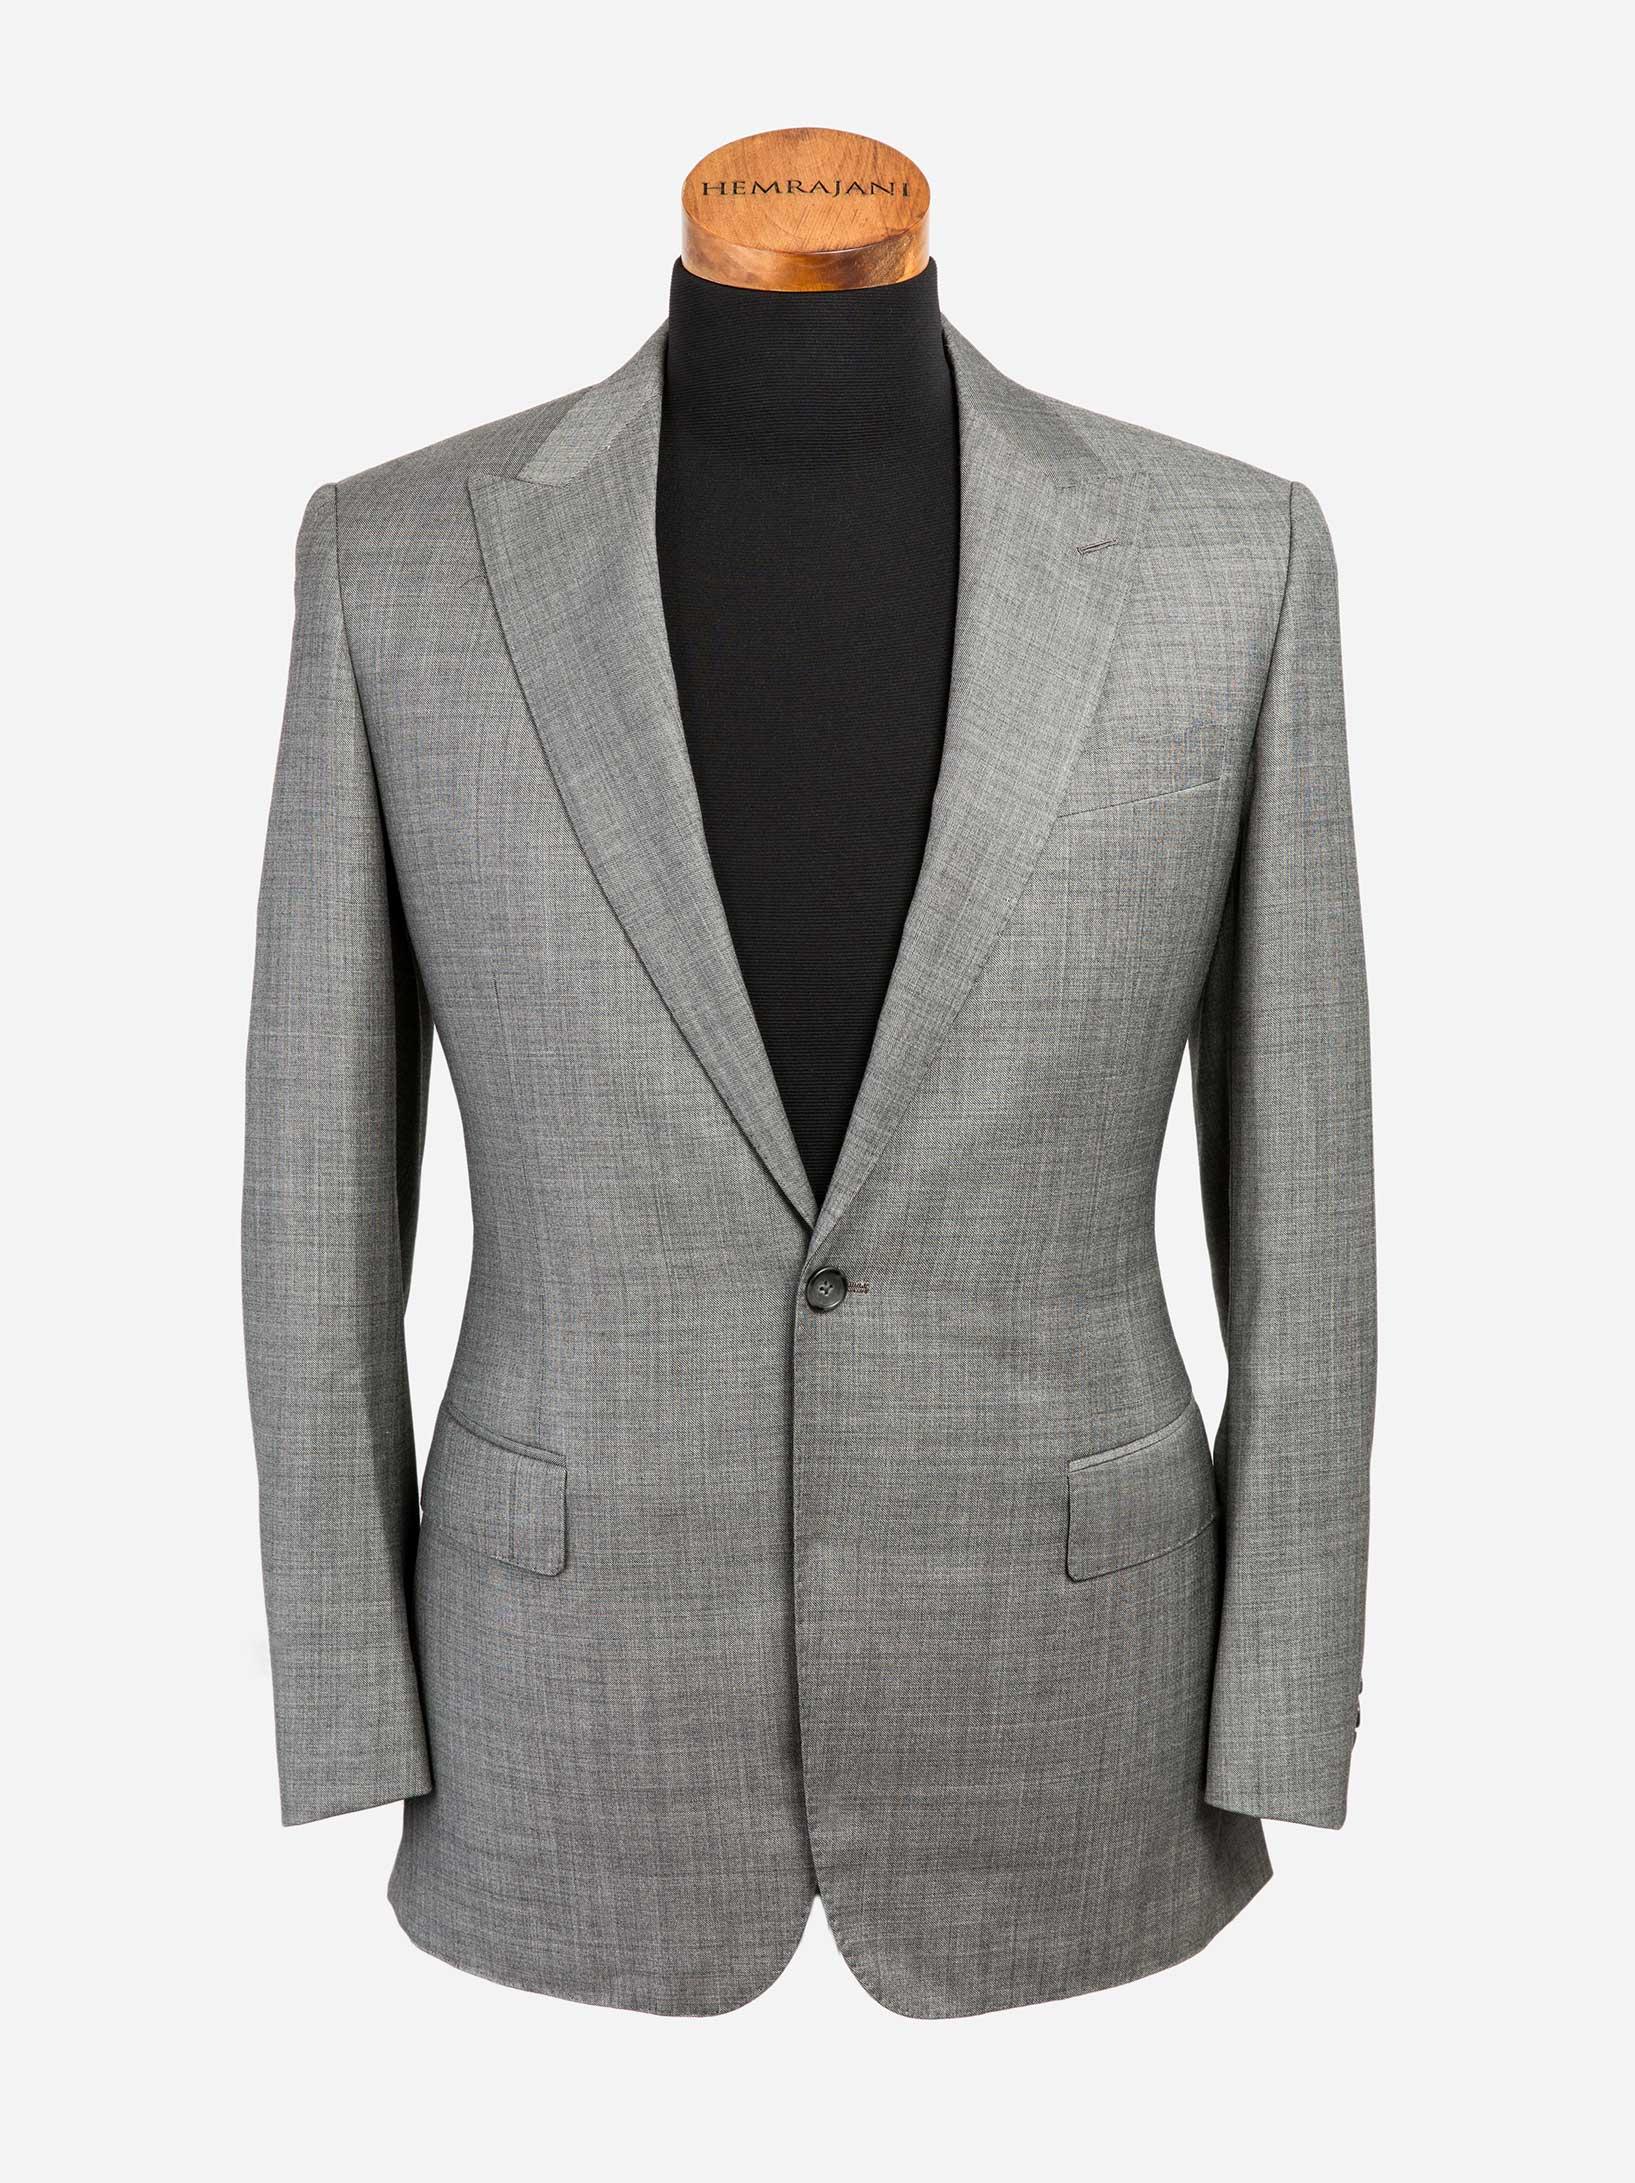 1 jacket